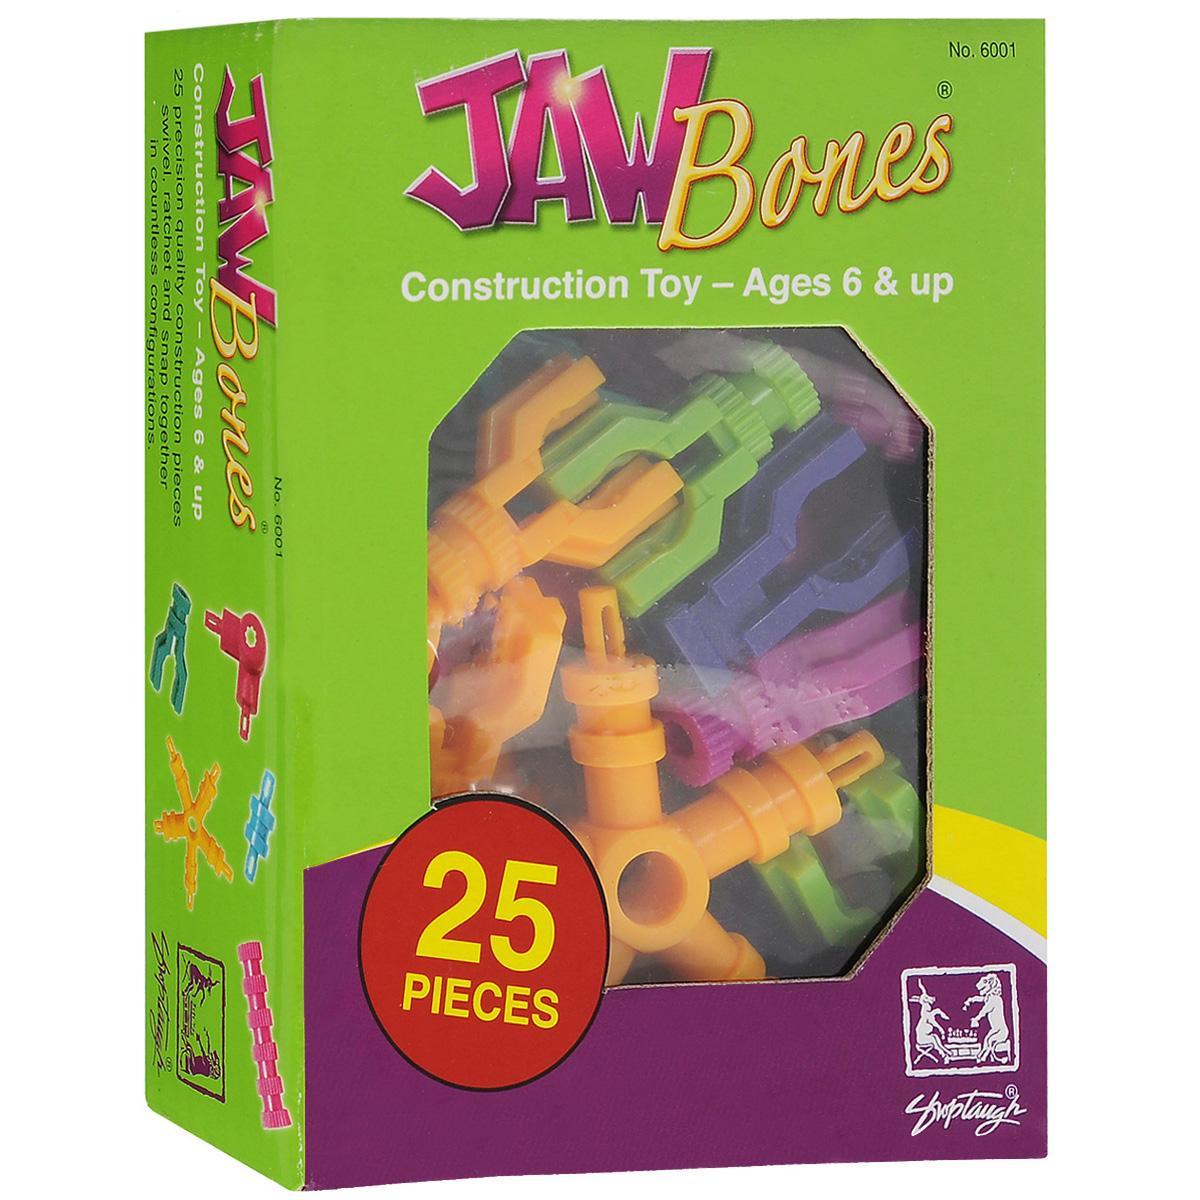 Jawbones Конструктор Самолеты6001Новый развивающий конструктор Jawbones непременно понравится вашему ребенку! При помощи красочных деталей, с уникальным креплением, можно собрать самолет в оригинальном и неповторимом стиле. Конструктор состоит из 13 элементов разного размера, цвета и назначения. Ваш ребенок с удовольствием будет играть с конструктором, придумывая различные истории.